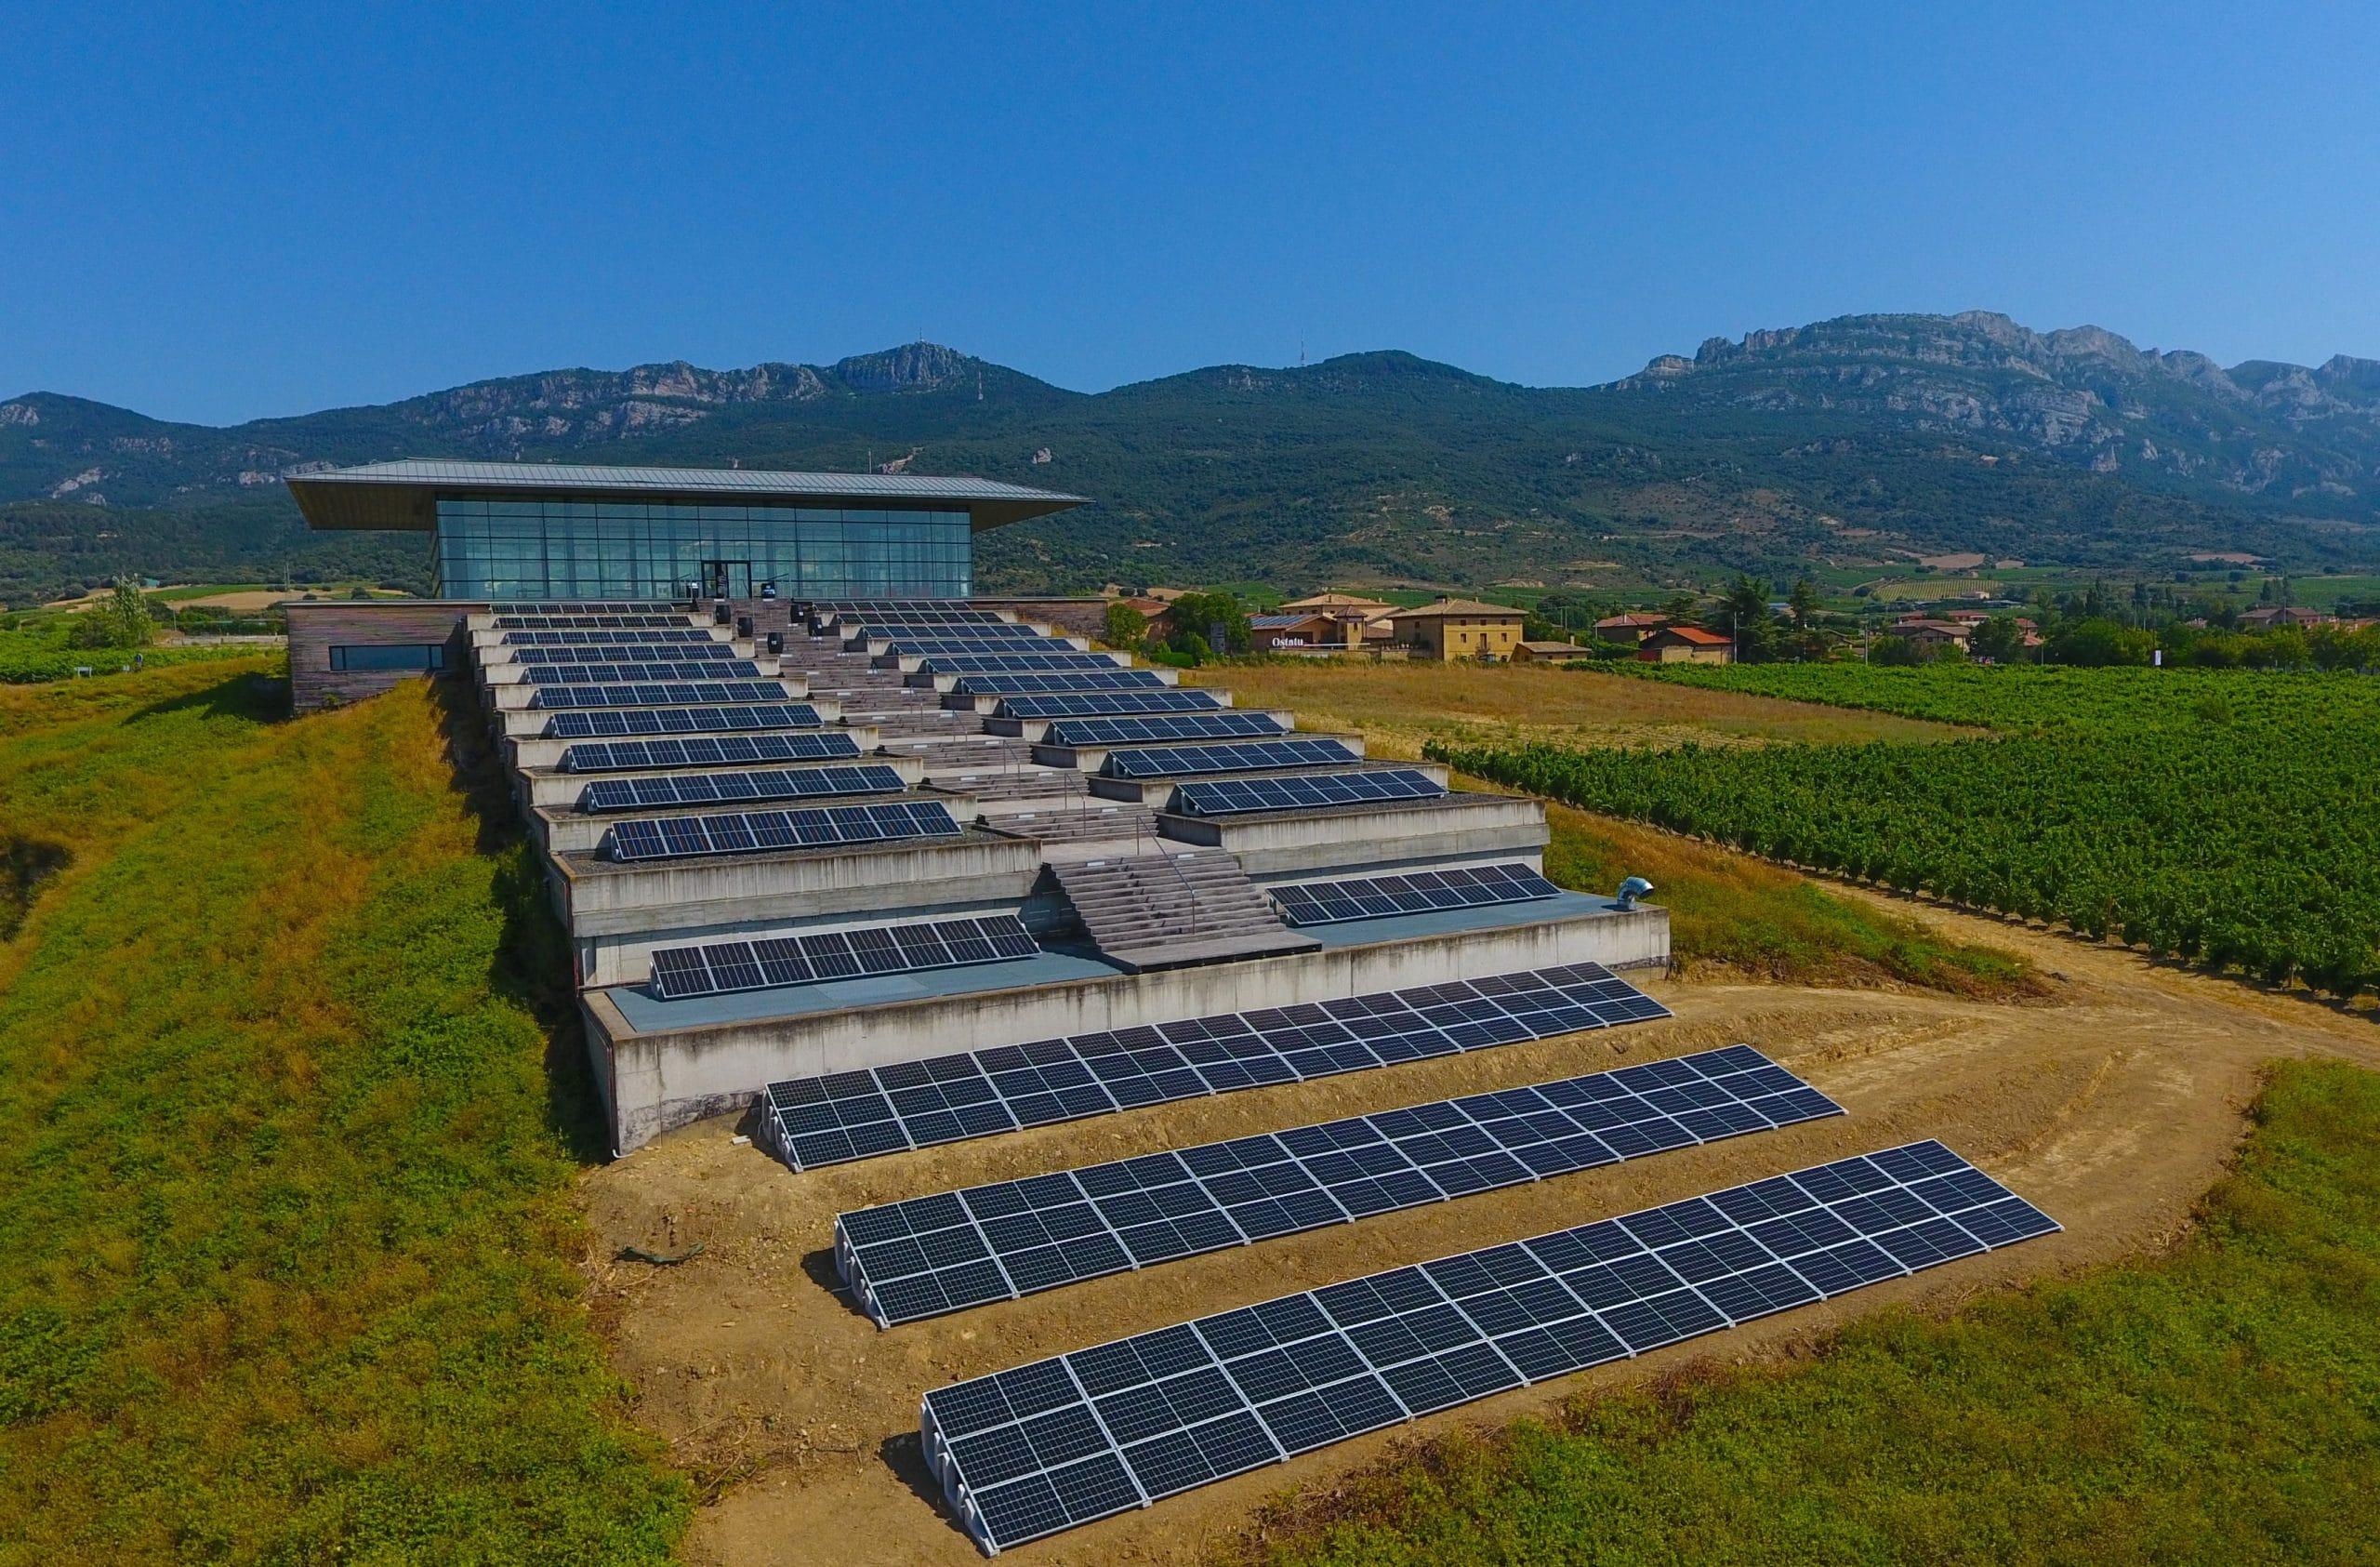 Instalación fotovoltaica en bodega